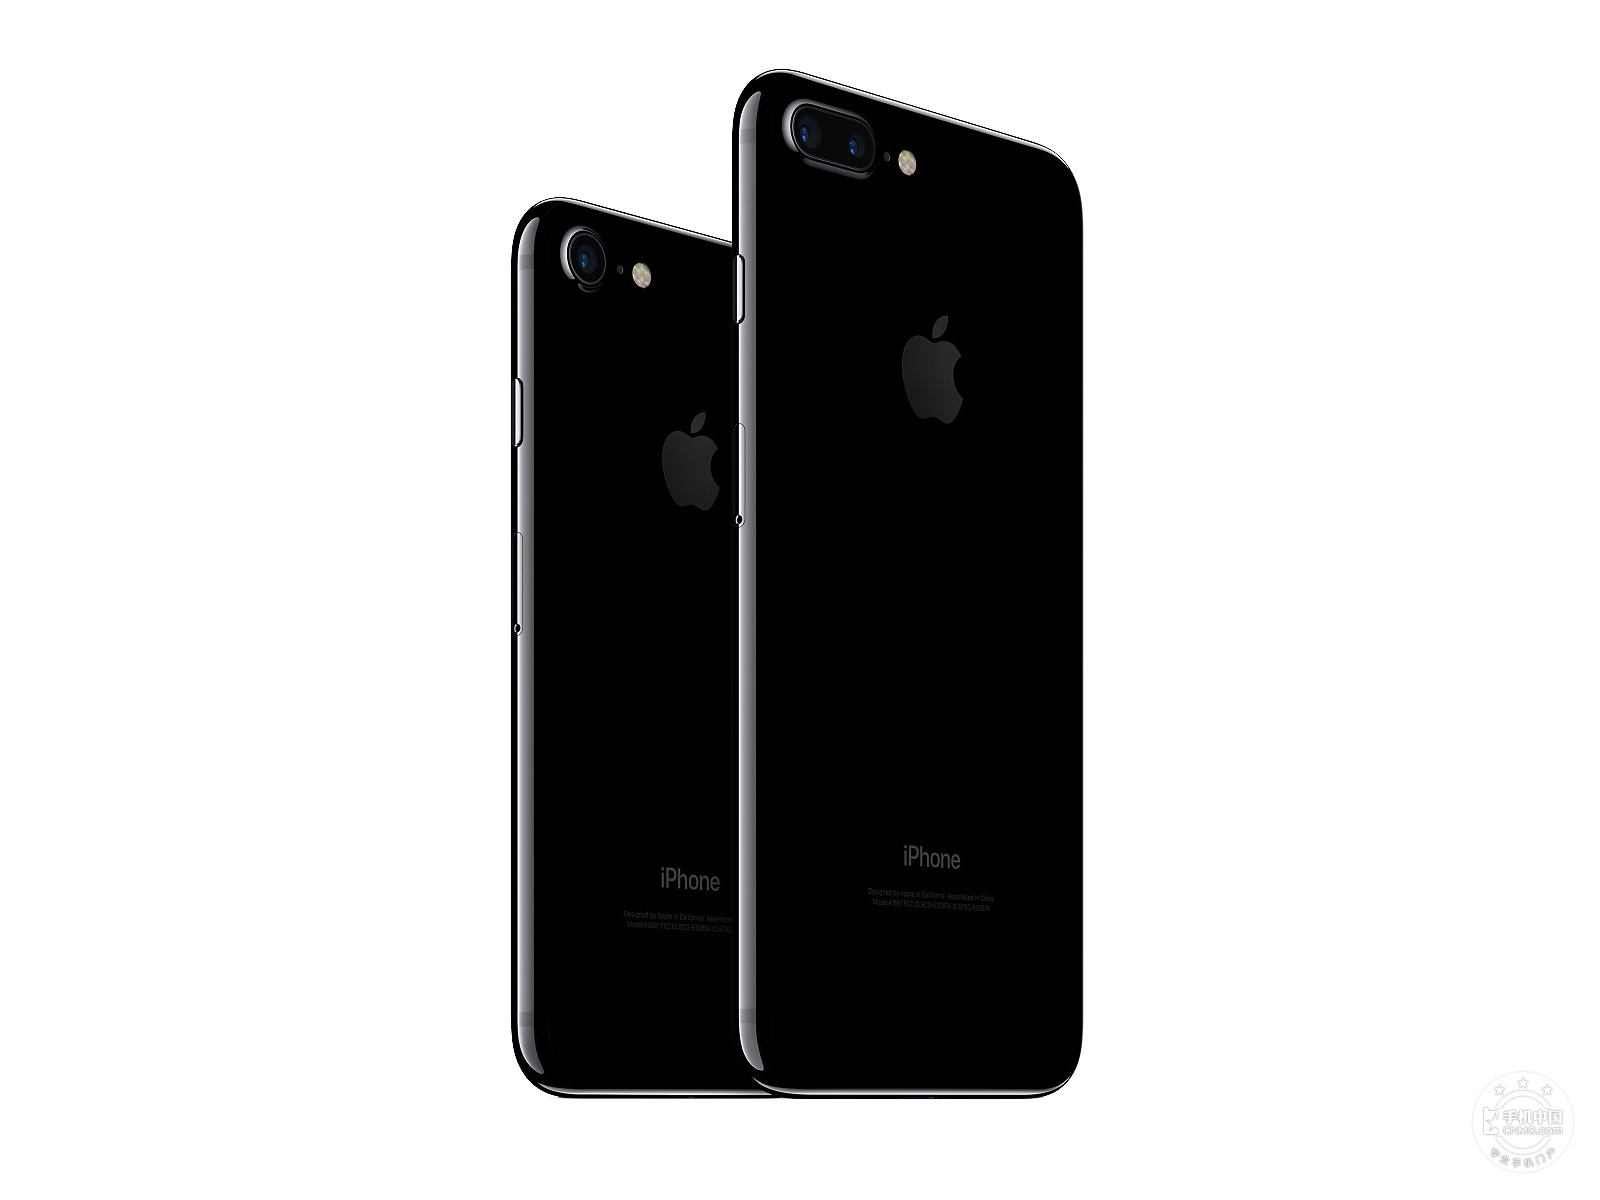 苹果iPhone7(32GB)产品本身外观第8张